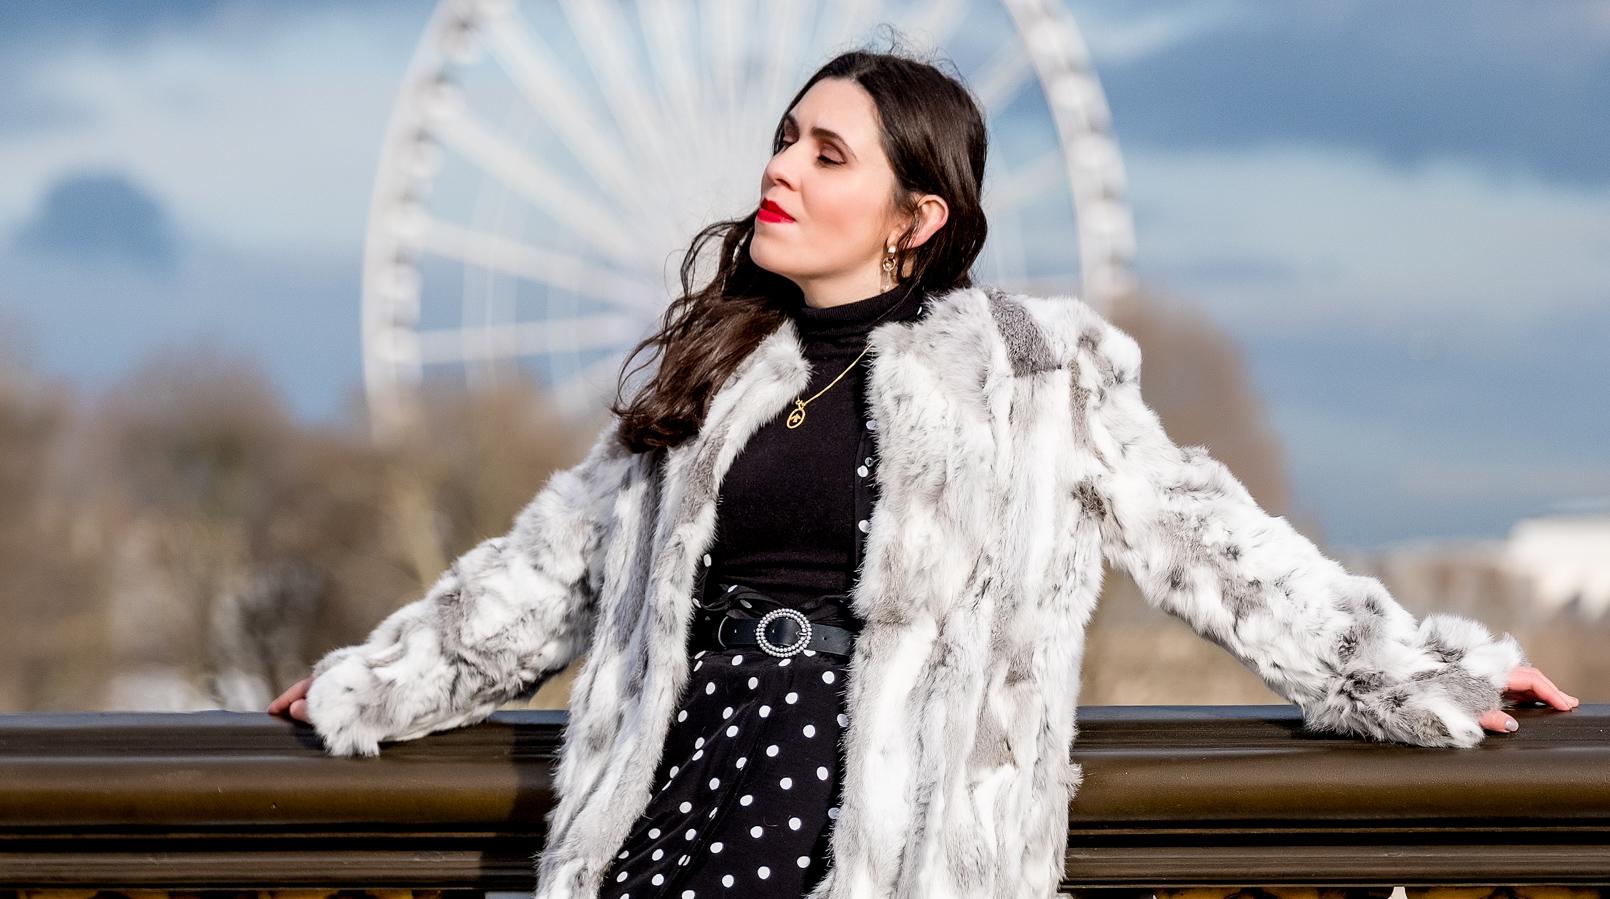 Le Fashionaire A ponte mais instagramável de Paris casaco branco cinzento pelo sfera colar dourado andorinha cinco cinto preto brincos quartzo dourados mango botas pretas acima joelho stradivarius 3375F PT